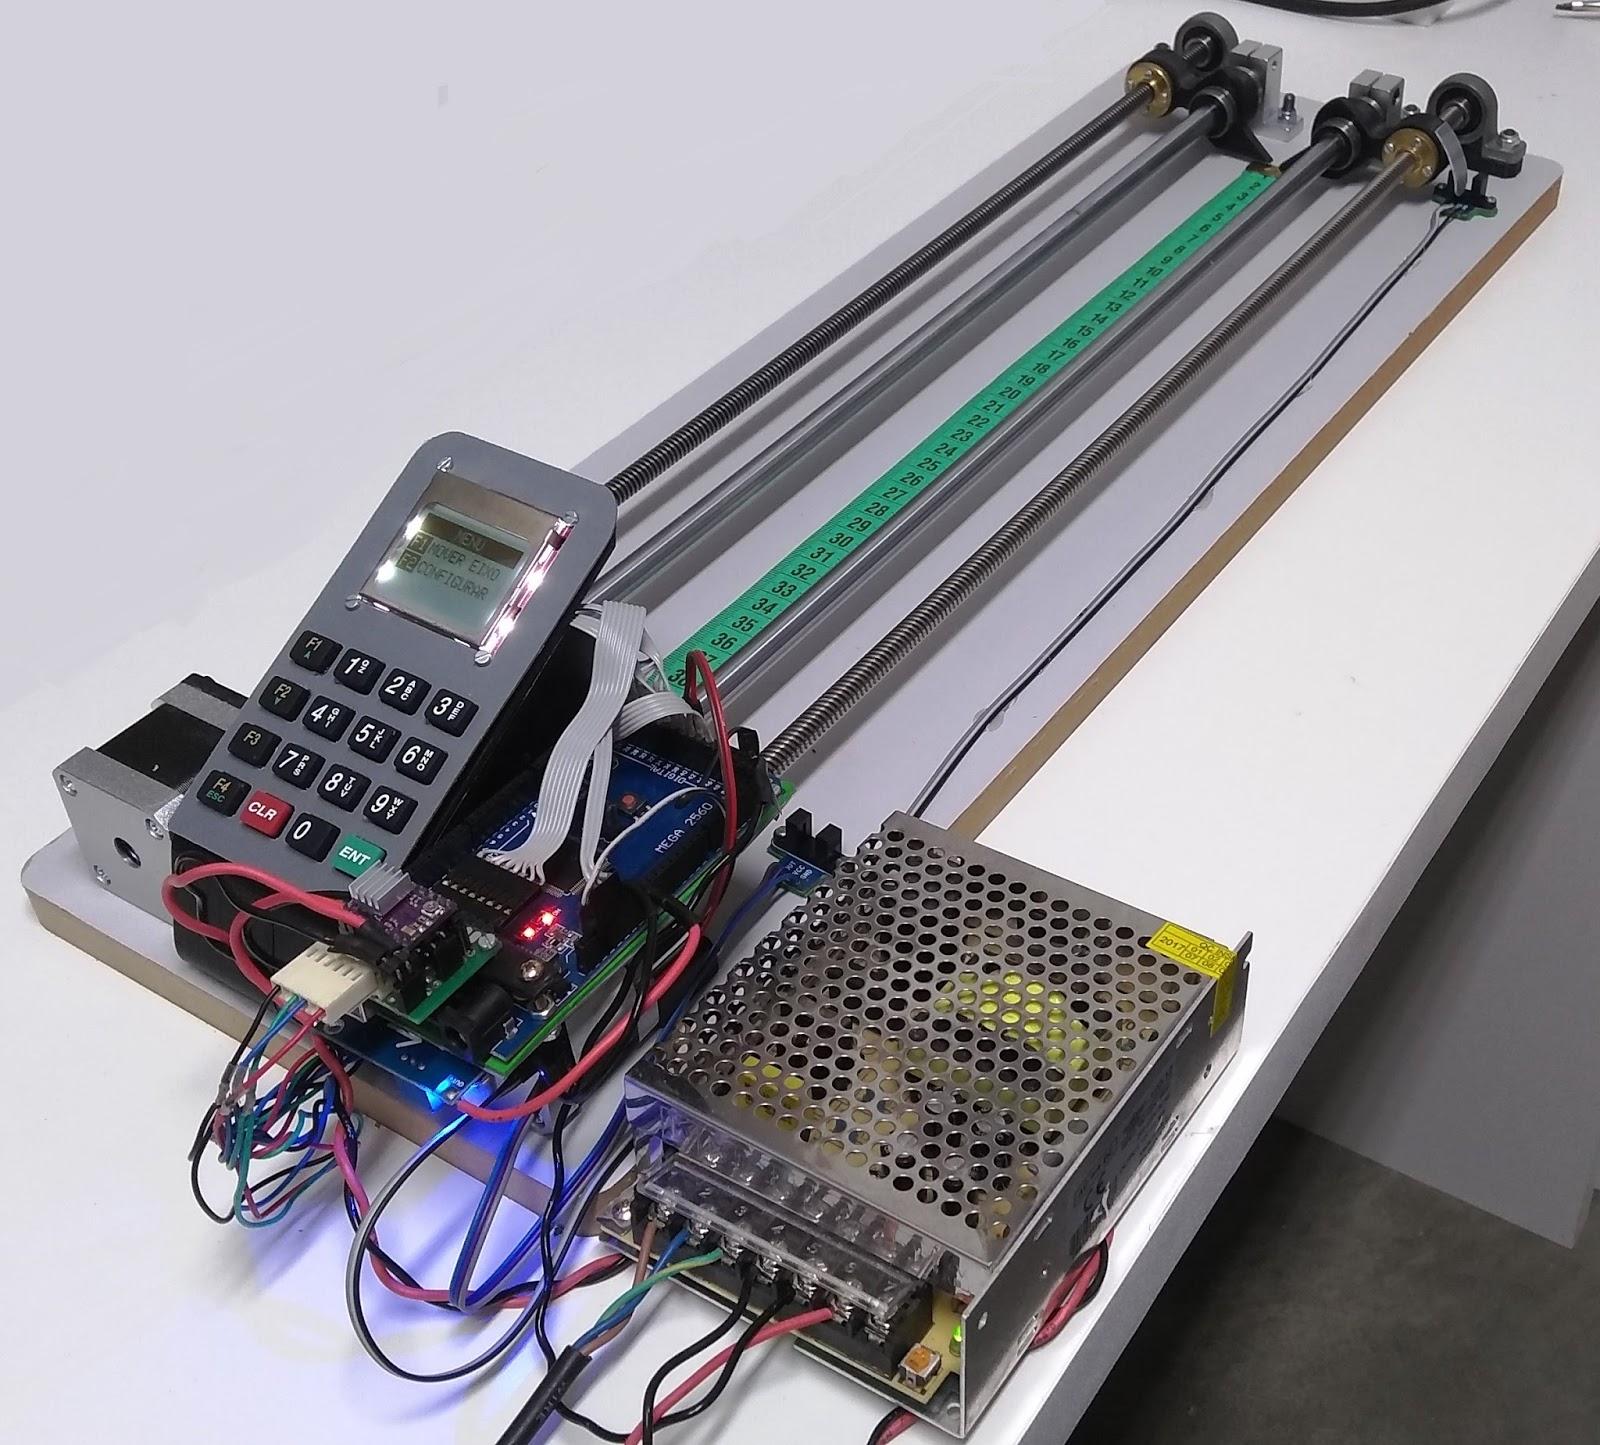 c1595001529 Nossa montagem de hoje é muito parecida com a do vídeo Arduino Uno com Fuso  e Motor de Passo. O que precisei modificar  Desta vez escolhei um Arduino  Mega ...